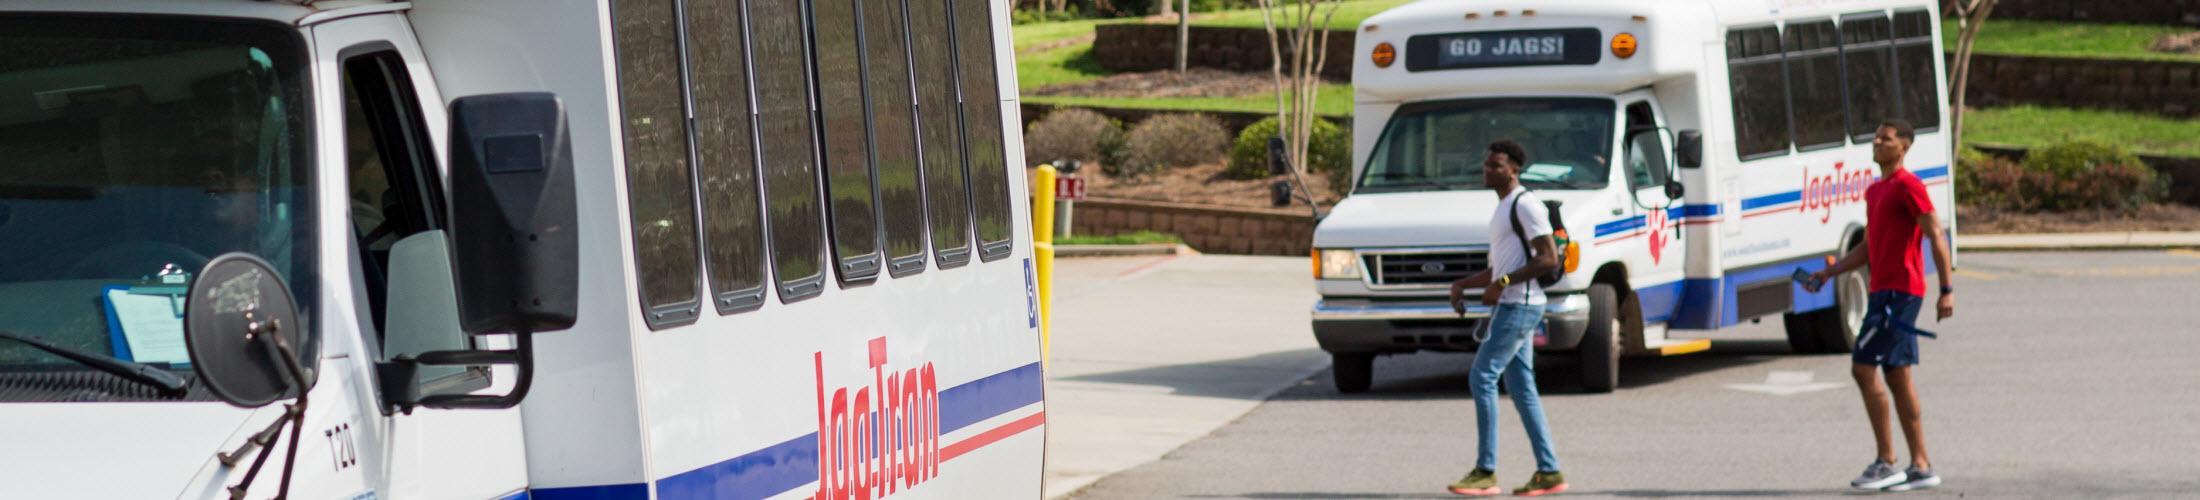 Main Hub for USA JagTran buses